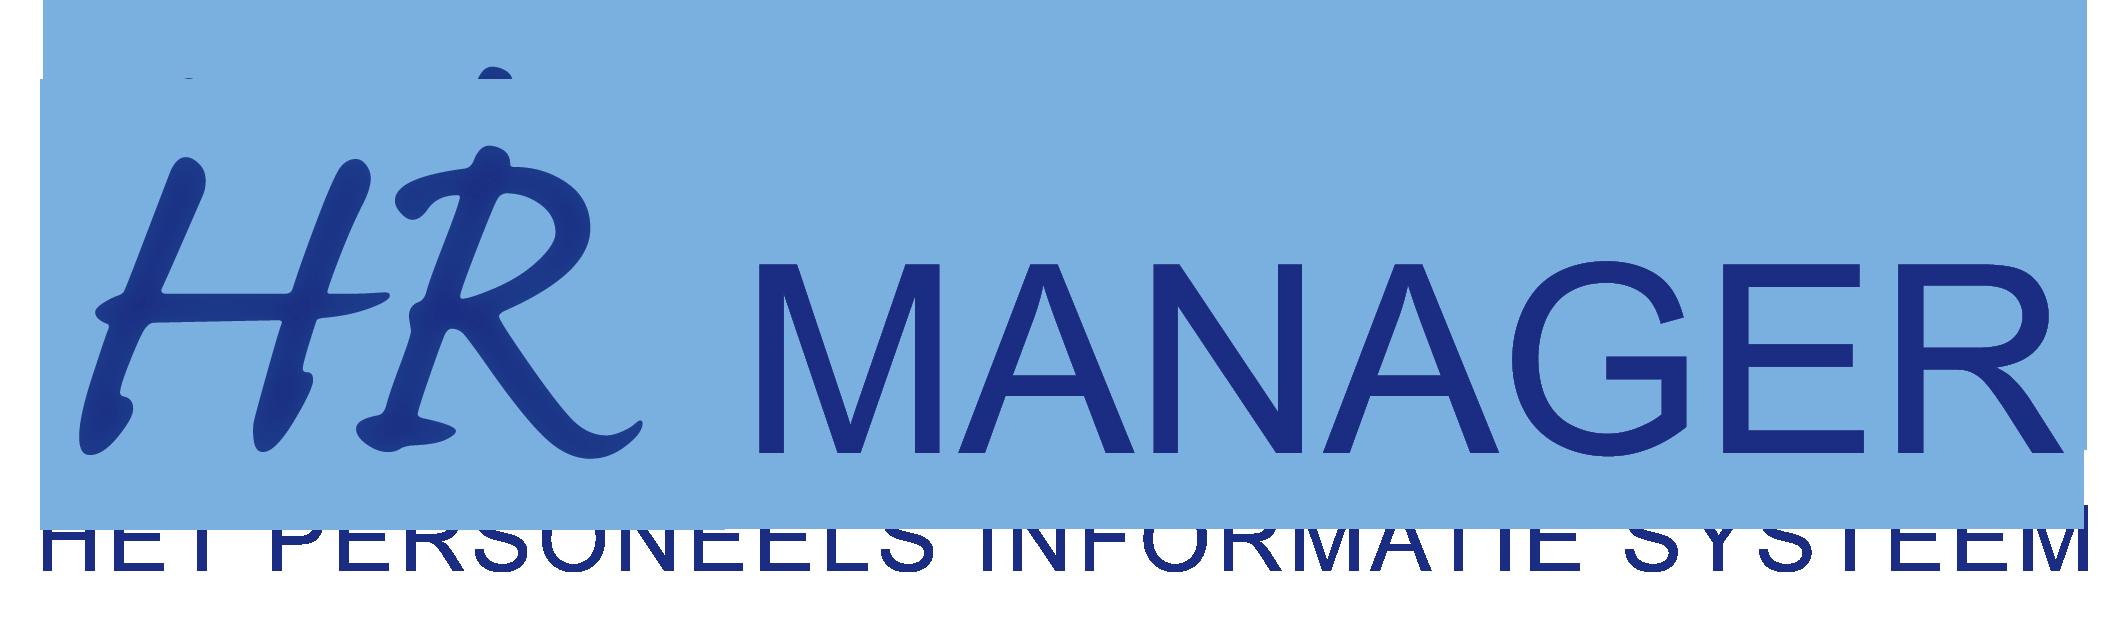 YWCA HR Manager Position | Tate Associates LLC